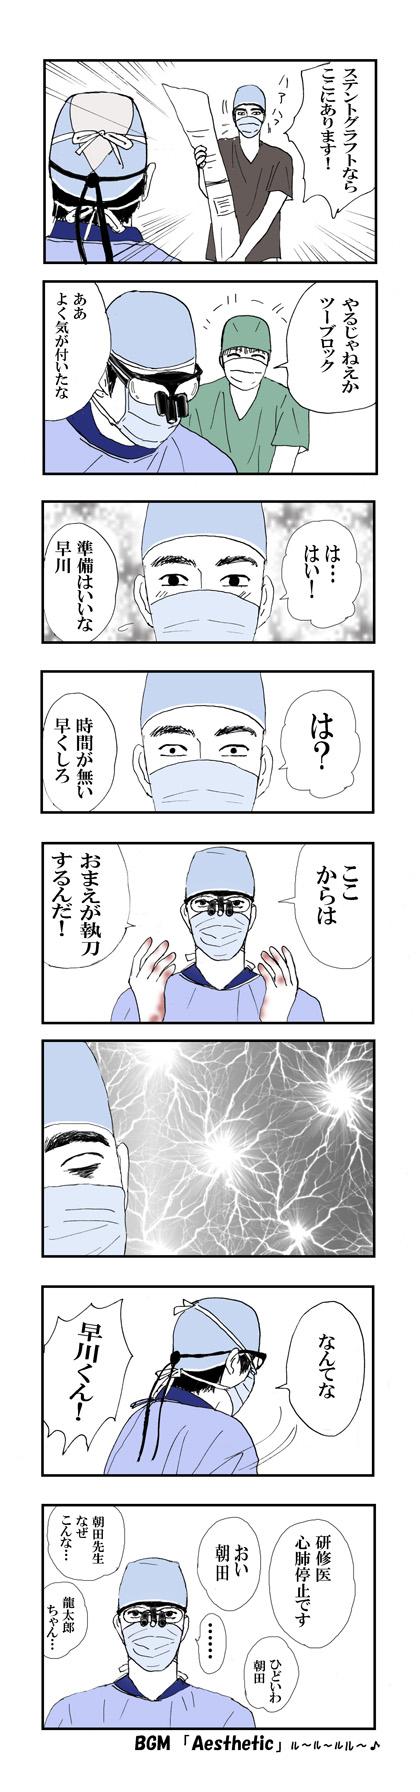 iryu4-6